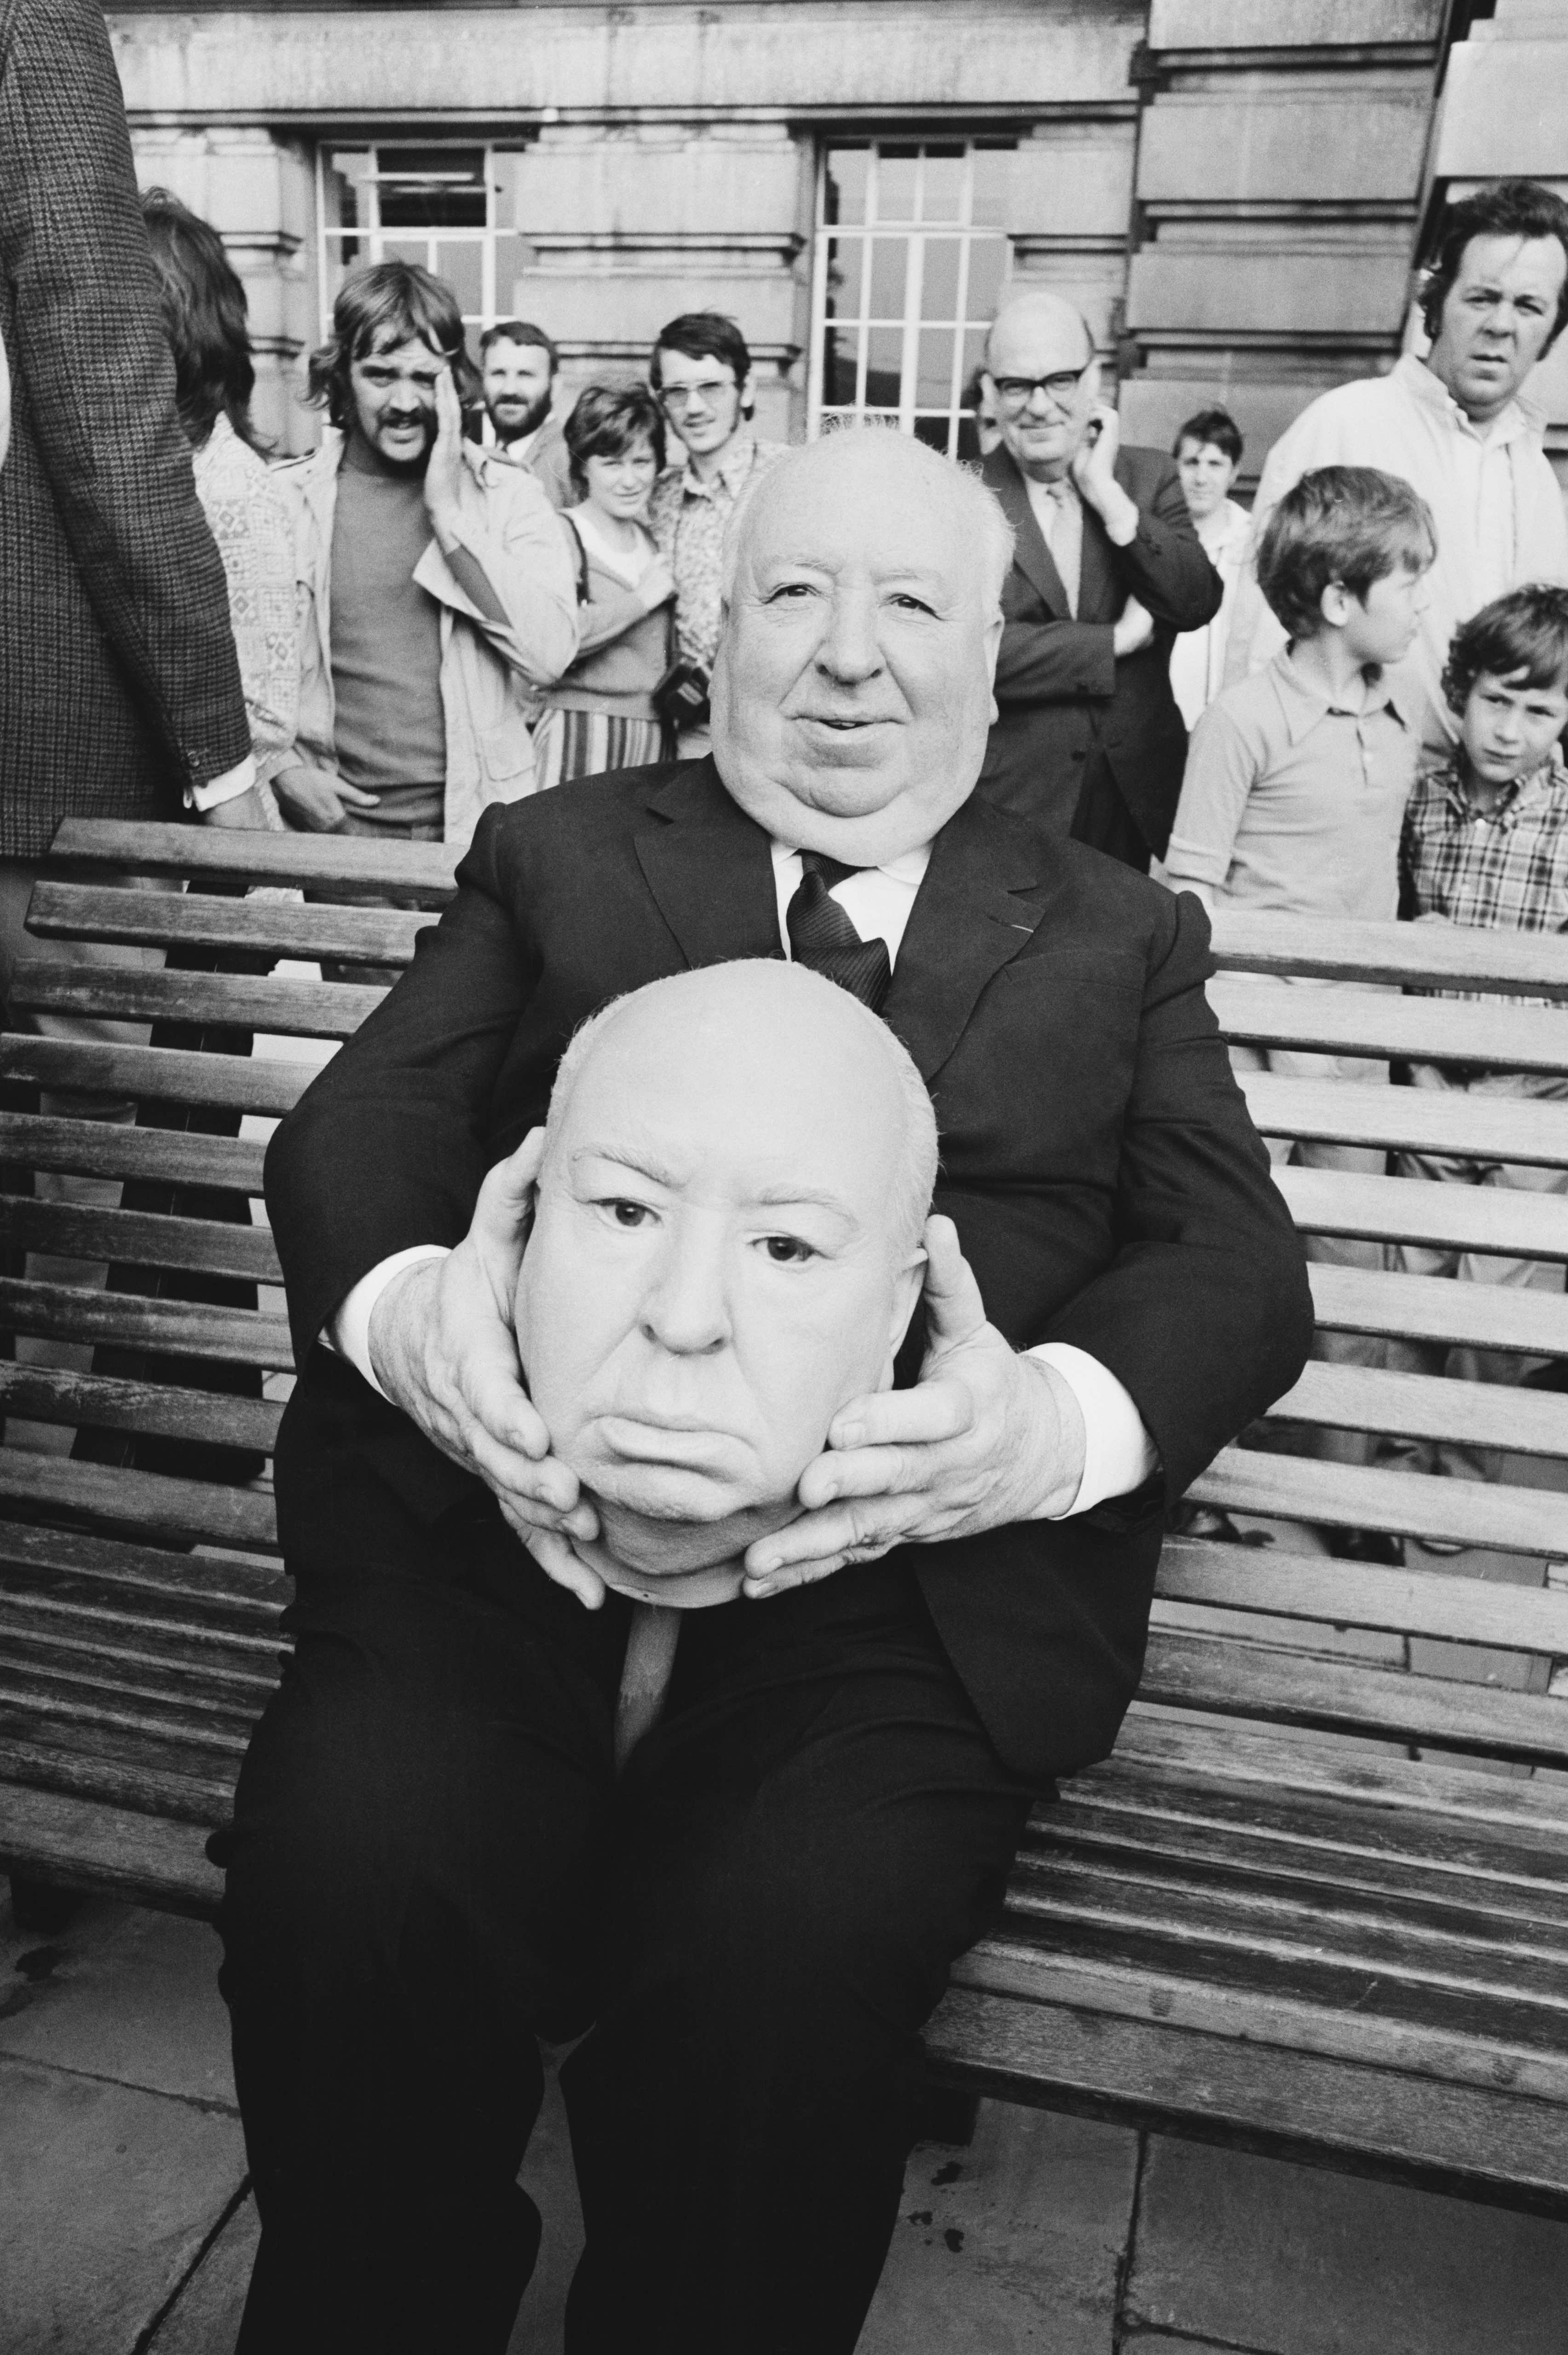 Alfred Hitchcock mit einem nachgebauten Hitch-Kopf